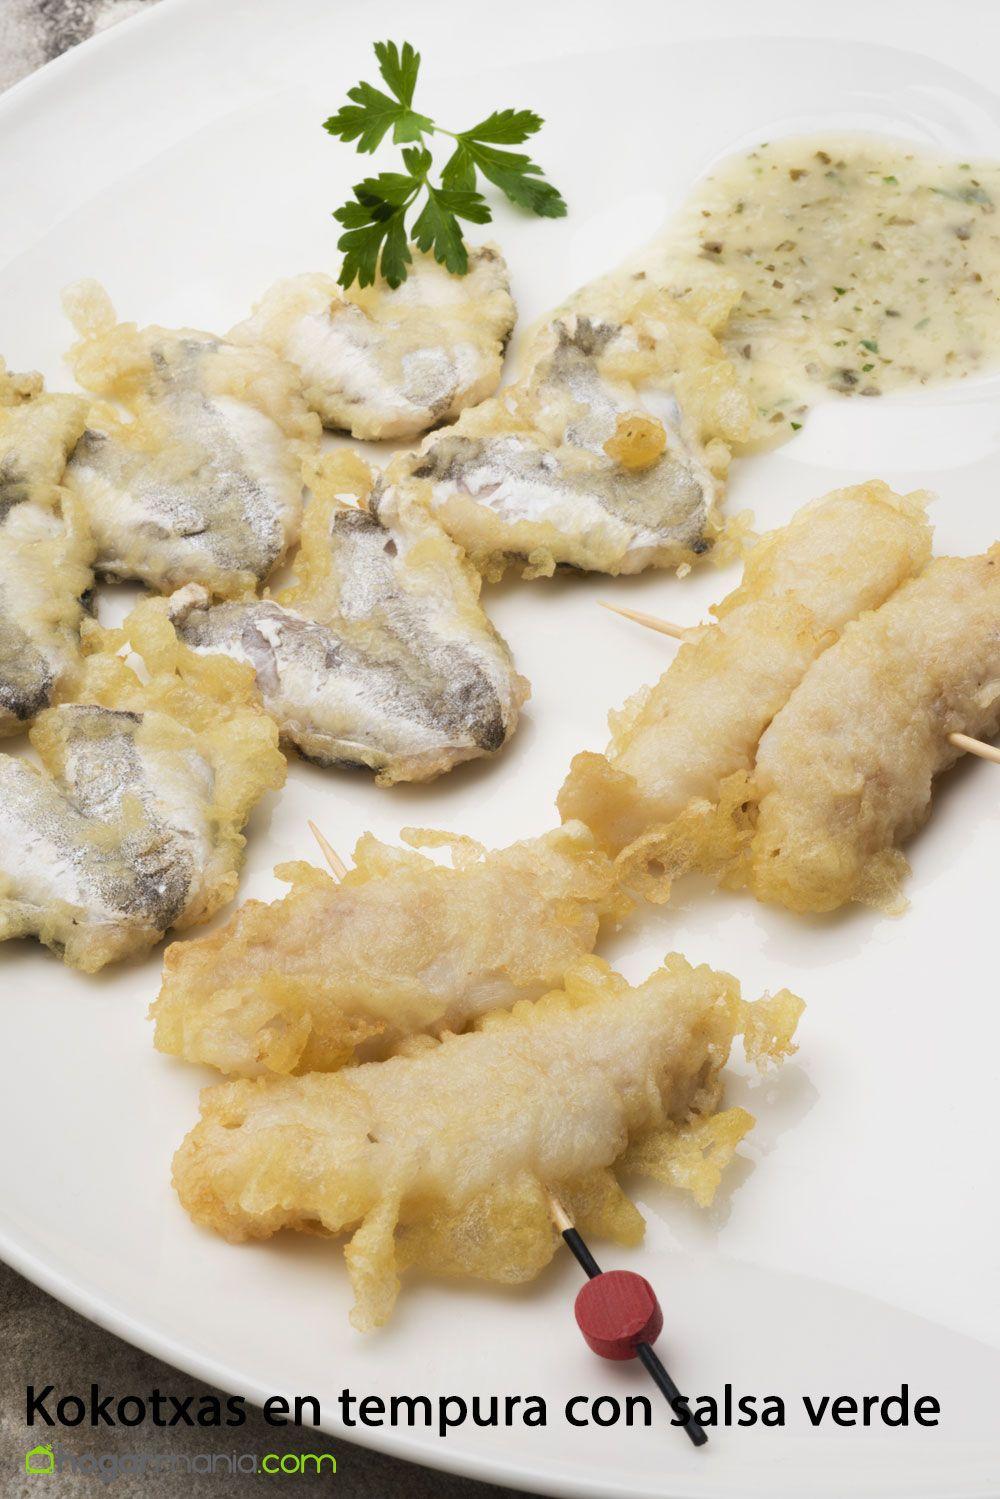 Kokotxas en tempura con salsa verde